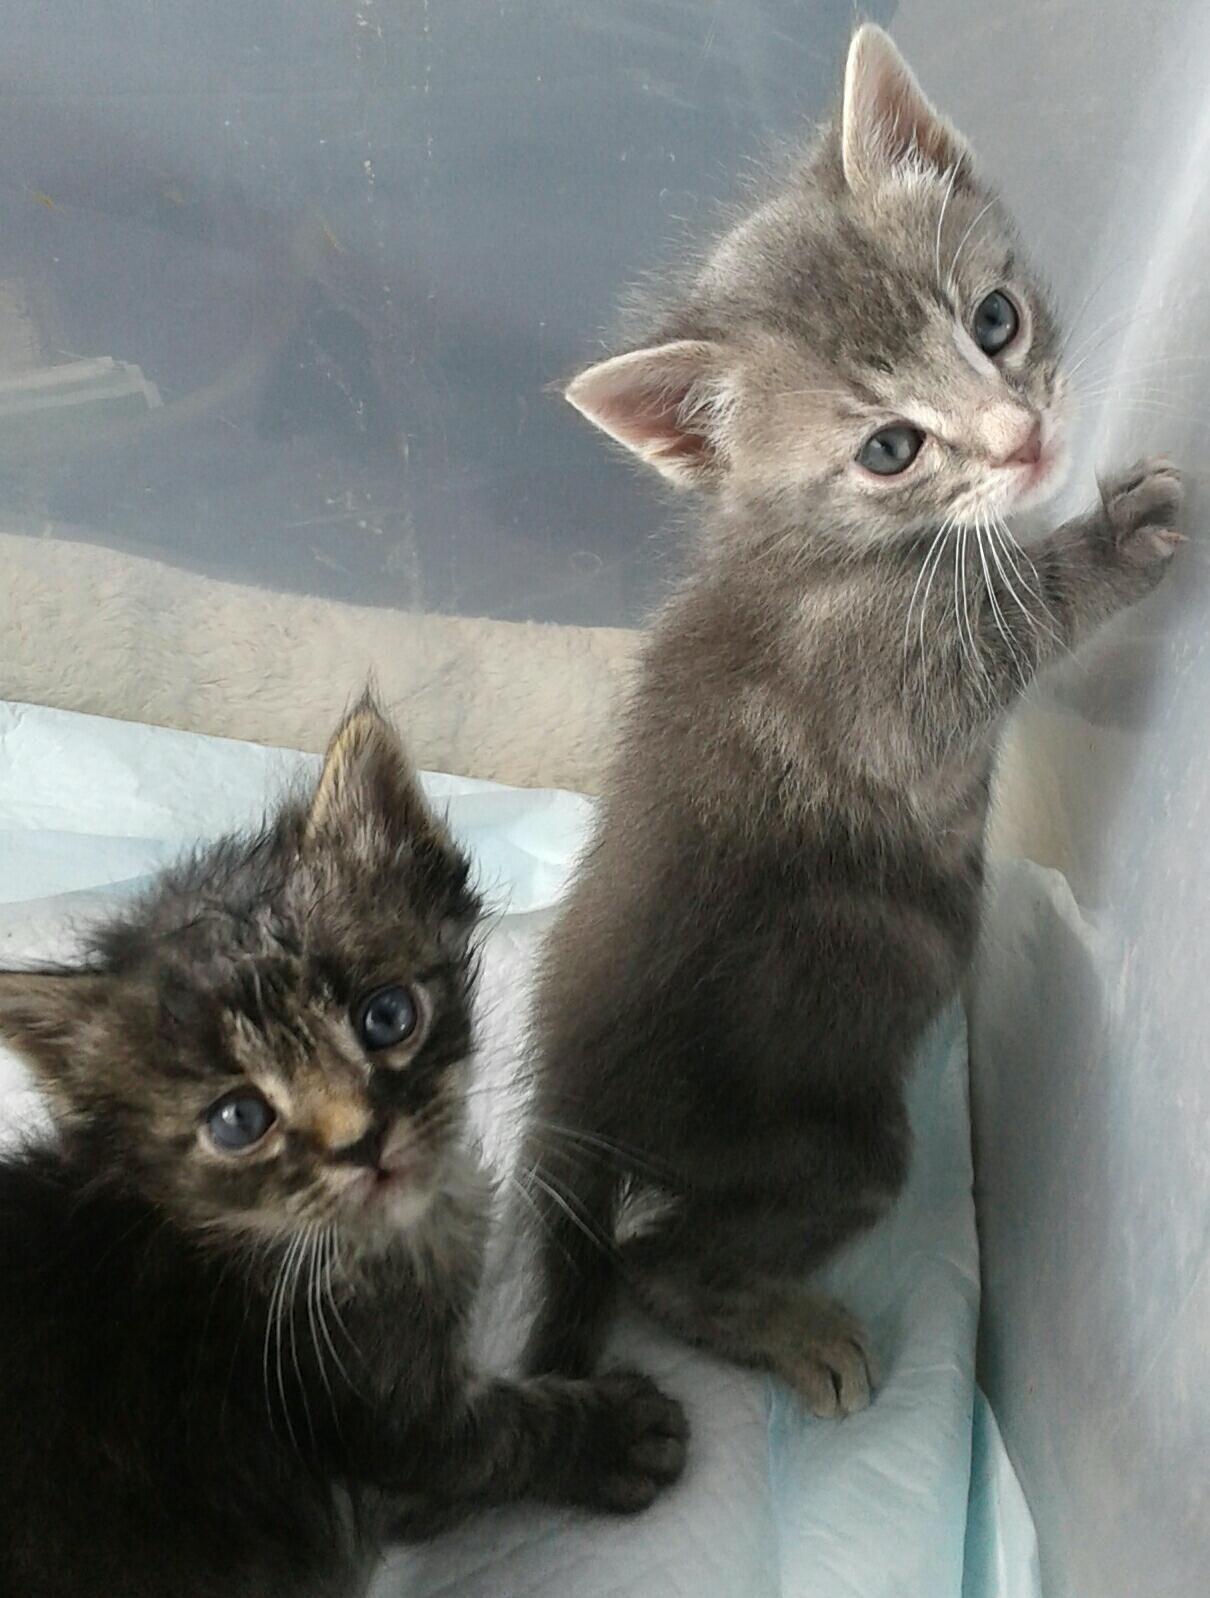 Jackie Dale Cat Mother Freelance Tnr Cat Trapper Rescuer Broker Kitten Season Tnr Cats Animal Rescue